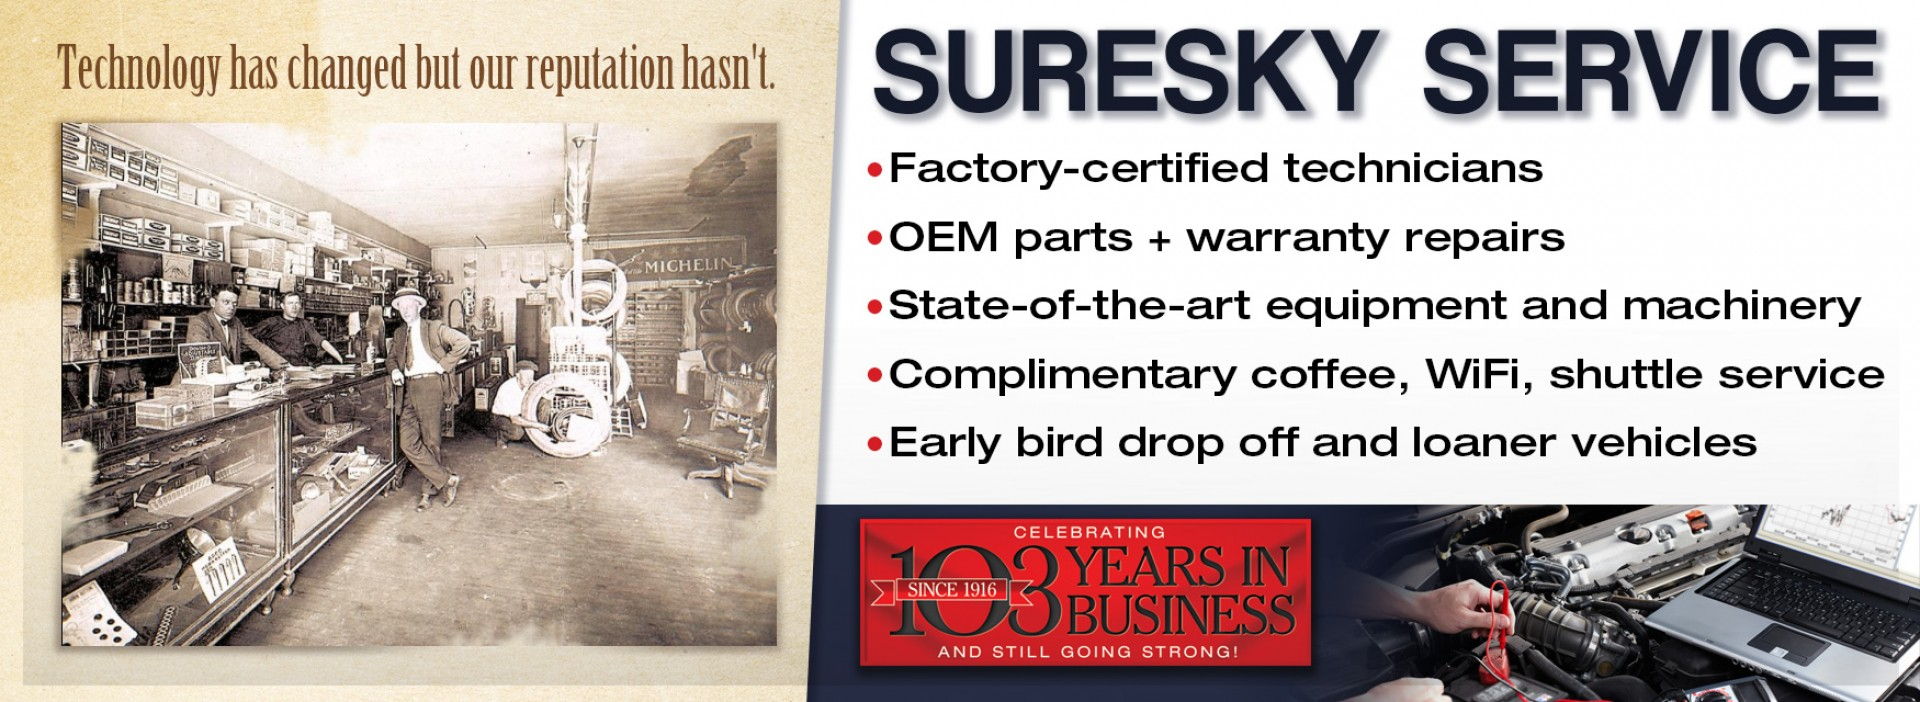 Suresky Service